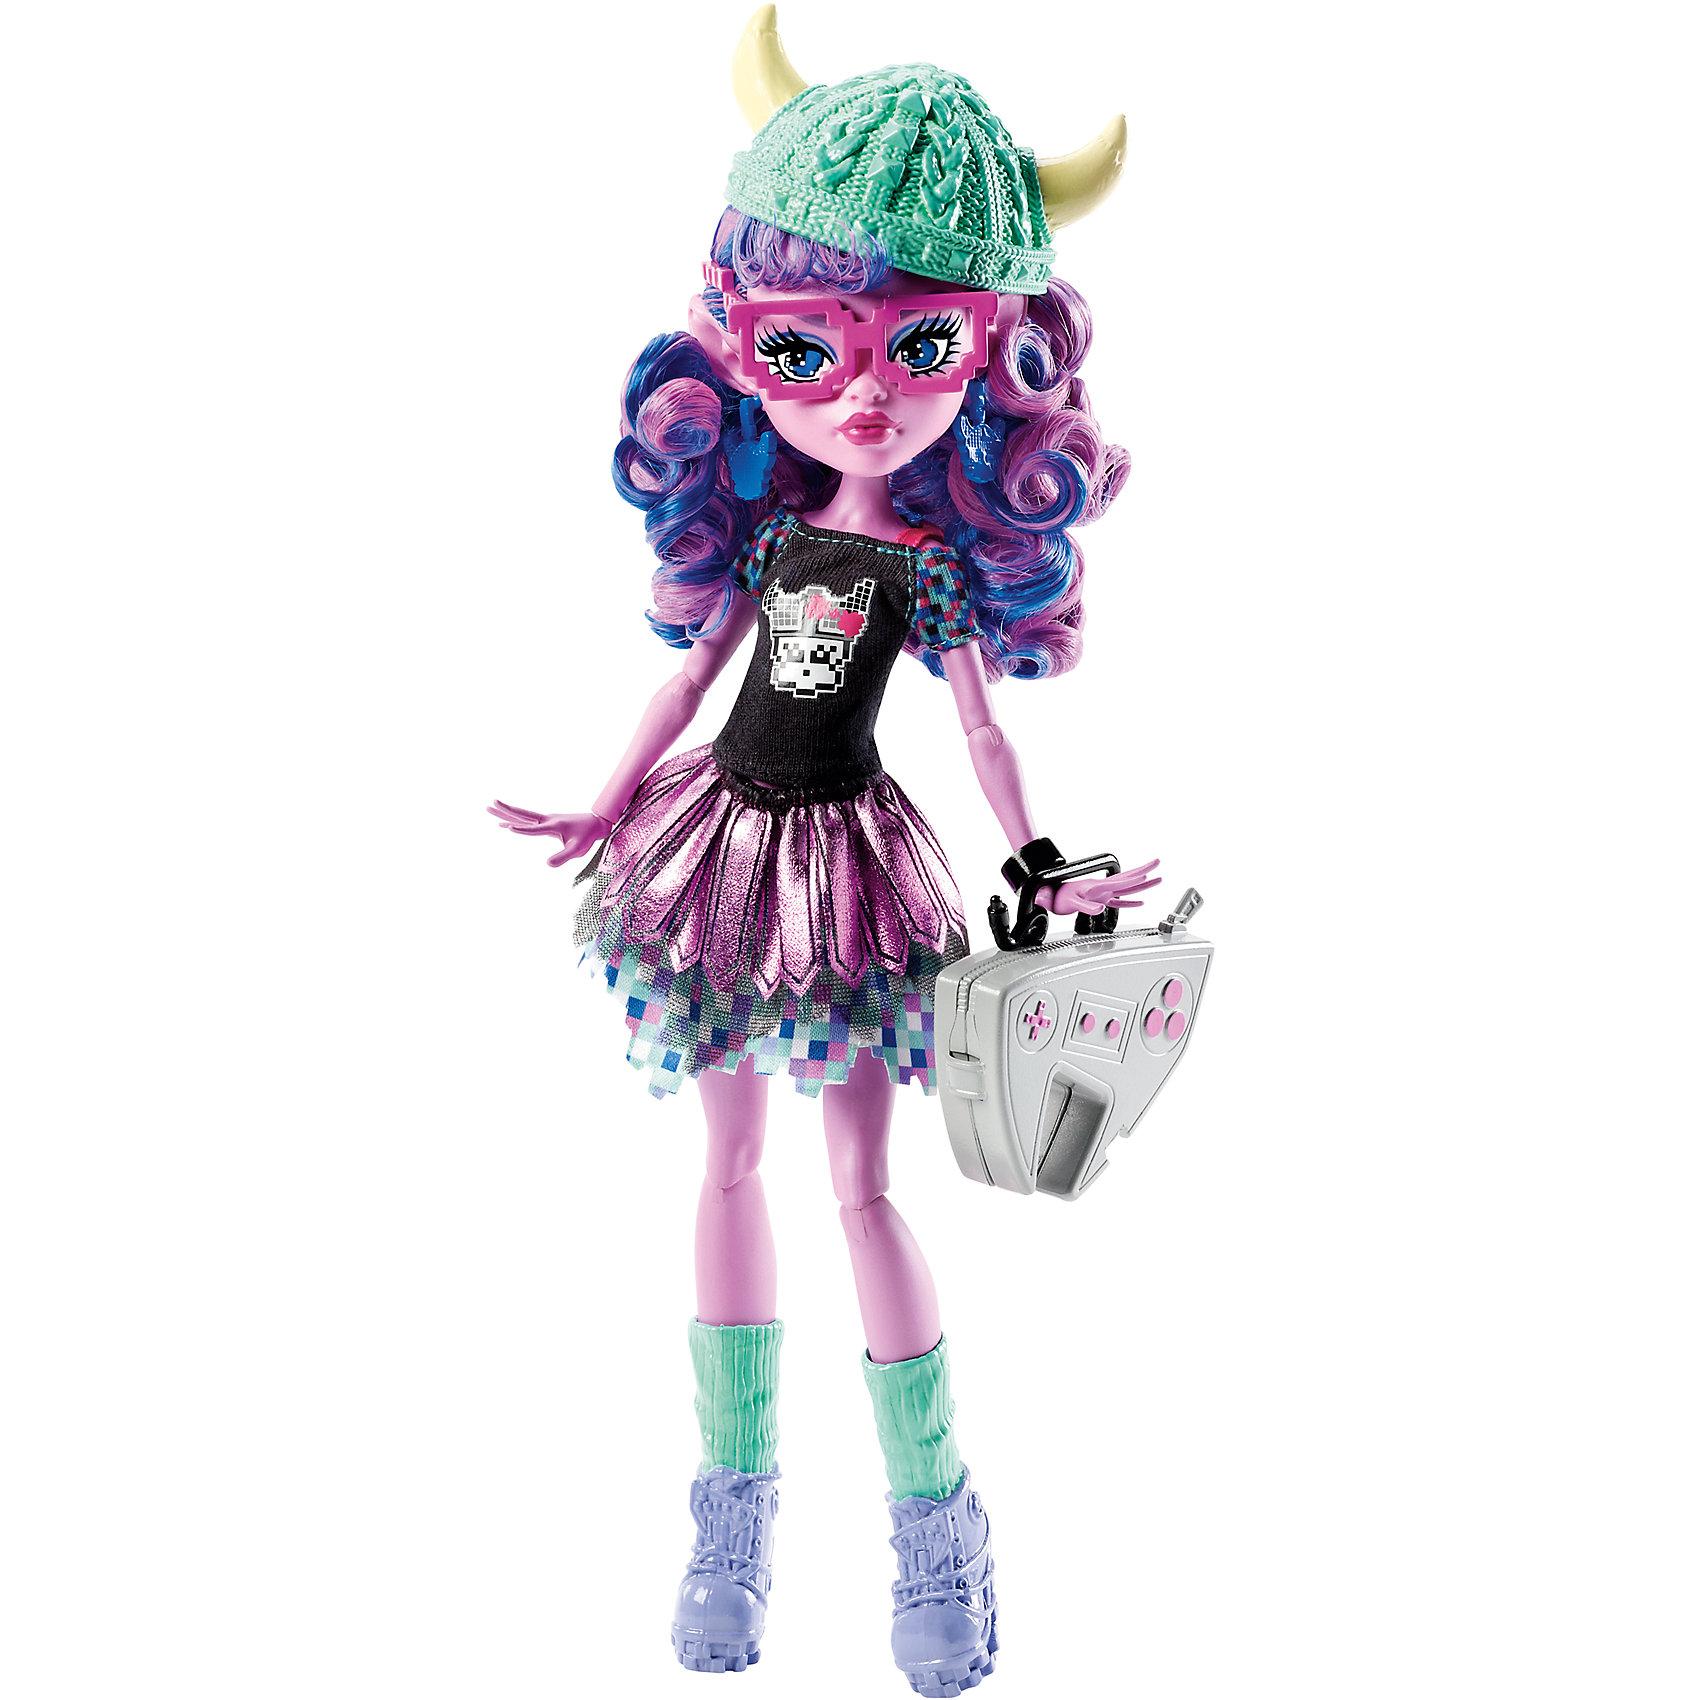 Кукла Керсти Троллсон Boo students, Monster HighКукла Керсти Троллсон, Boo students, Monster High (Монстер Хай) - экстравагантная девушка-монстр из популярного мультсериала Школа монстров. Керсти - дочь тролля, страстная любительница видеоигр, и хотя физически она гораздо слабее своих братьев троллей, но зато в разы умнее их. Ее невероятные аналитические и стратегические способности позволяют ей преуспевать в компьютерных играх. Вместе с другими детьми знаменитых монстров она учится в Школе монстров, где каждый из учеников отличается своими уникальными особенностями и способностями. <br><br>Новая линейка кукол Brand-Boo students (Монстры по обмену) посвящена такому важному событию в жизни Школы, как обмен студентами из разных учебных заведений. Вместе с другим новыми персонажами в хорошо знакомую нам Монстер Хай прибывает и Керсти Троллсон (Kjersti Trollson). У куклы кудрявые розово-синие волосы, длинные заостренные ушки и голубые пиксельные глаза. Она одета в стильный геймерский наряд - ее двухслойная юбочка сделана словно из кожаных лоскутков и пикселей, а черная футболка украшена принтом в виде компьютерного викинга. На ногах оригинальные серые ботинки с гетрами. Вязаная зеленая шапочка с рожками и геймерские очки эффектно дополняют ее образ. Туловище куклы на шарнирах, ноги и руки сгибаются и разгибаются, благодаря чему она может принимать различные положения.  В комплект также входит сумочка Керсти, выполненная в виде игровой приставки, и подставка.<br><br>Дополнительная информация:<br><br>- В комплекте: кукла, расческа, подставка, аксессуары.<br>- Материал: пластик, текстиль.<br>- Высота куклы: 27 см. <br>- Размер упаковки: 33 x 20 x 6 см.<br>- Вес: 0,315 кг.<br><br>Куклу Керсти Троллсон, Boo students, Monster High, можно купить в нашем интернет-магазине.<br><br>Ширина мм: 329<br>Глубина мм: 208<br>Высота мм: 73<br>Вес г: 309<br>Возраст от месяцев: 72<br>Возраст до месяцев: 120<br>Пол: Женский<br>Возраст: Детский<br>SKU: 4349952